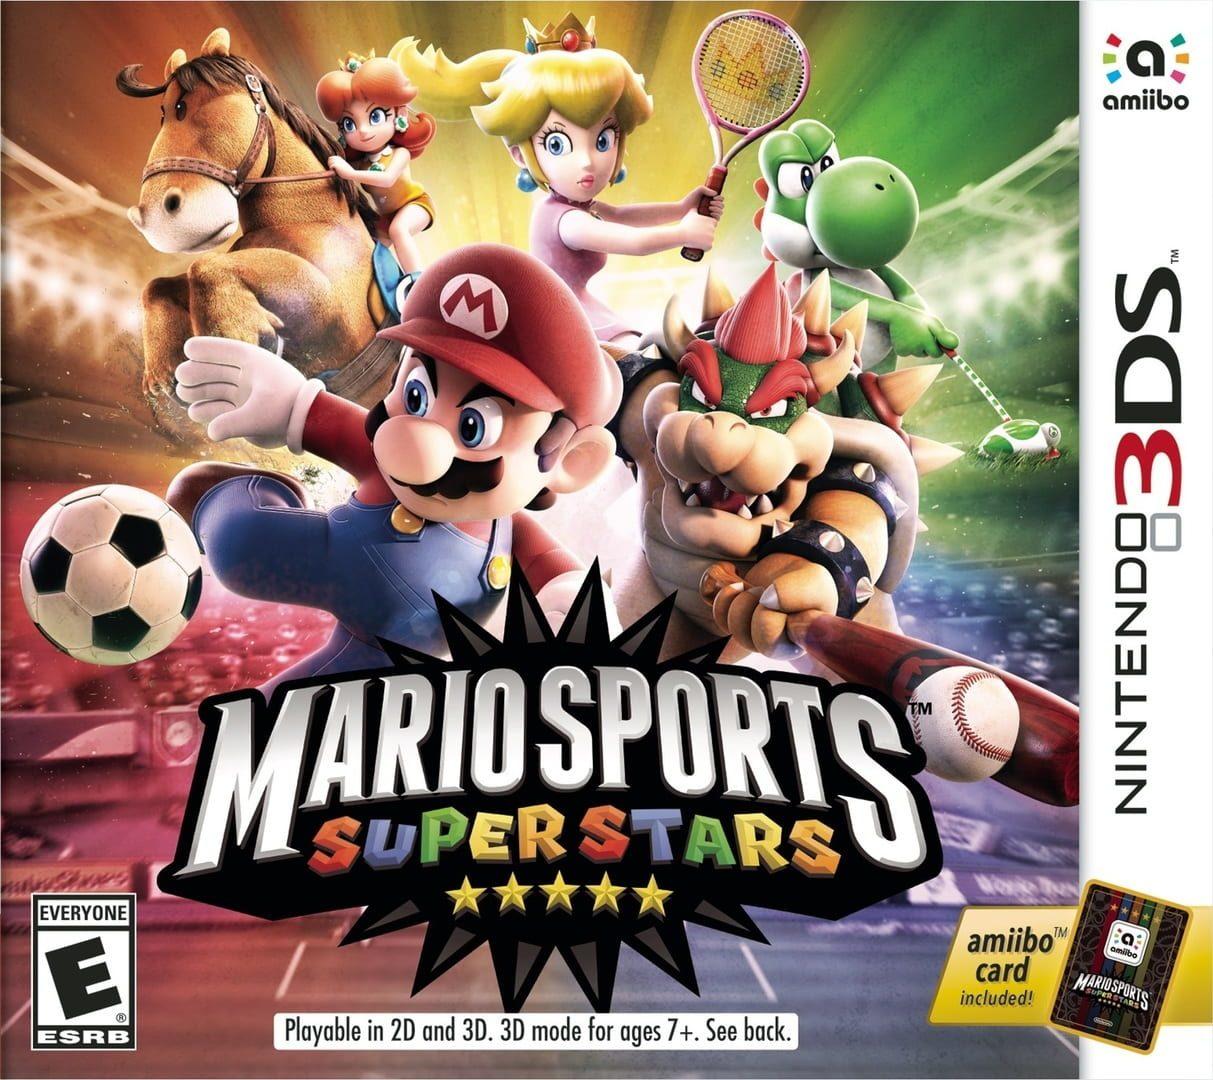 buy Mario Sports Superstars cd key for all platform